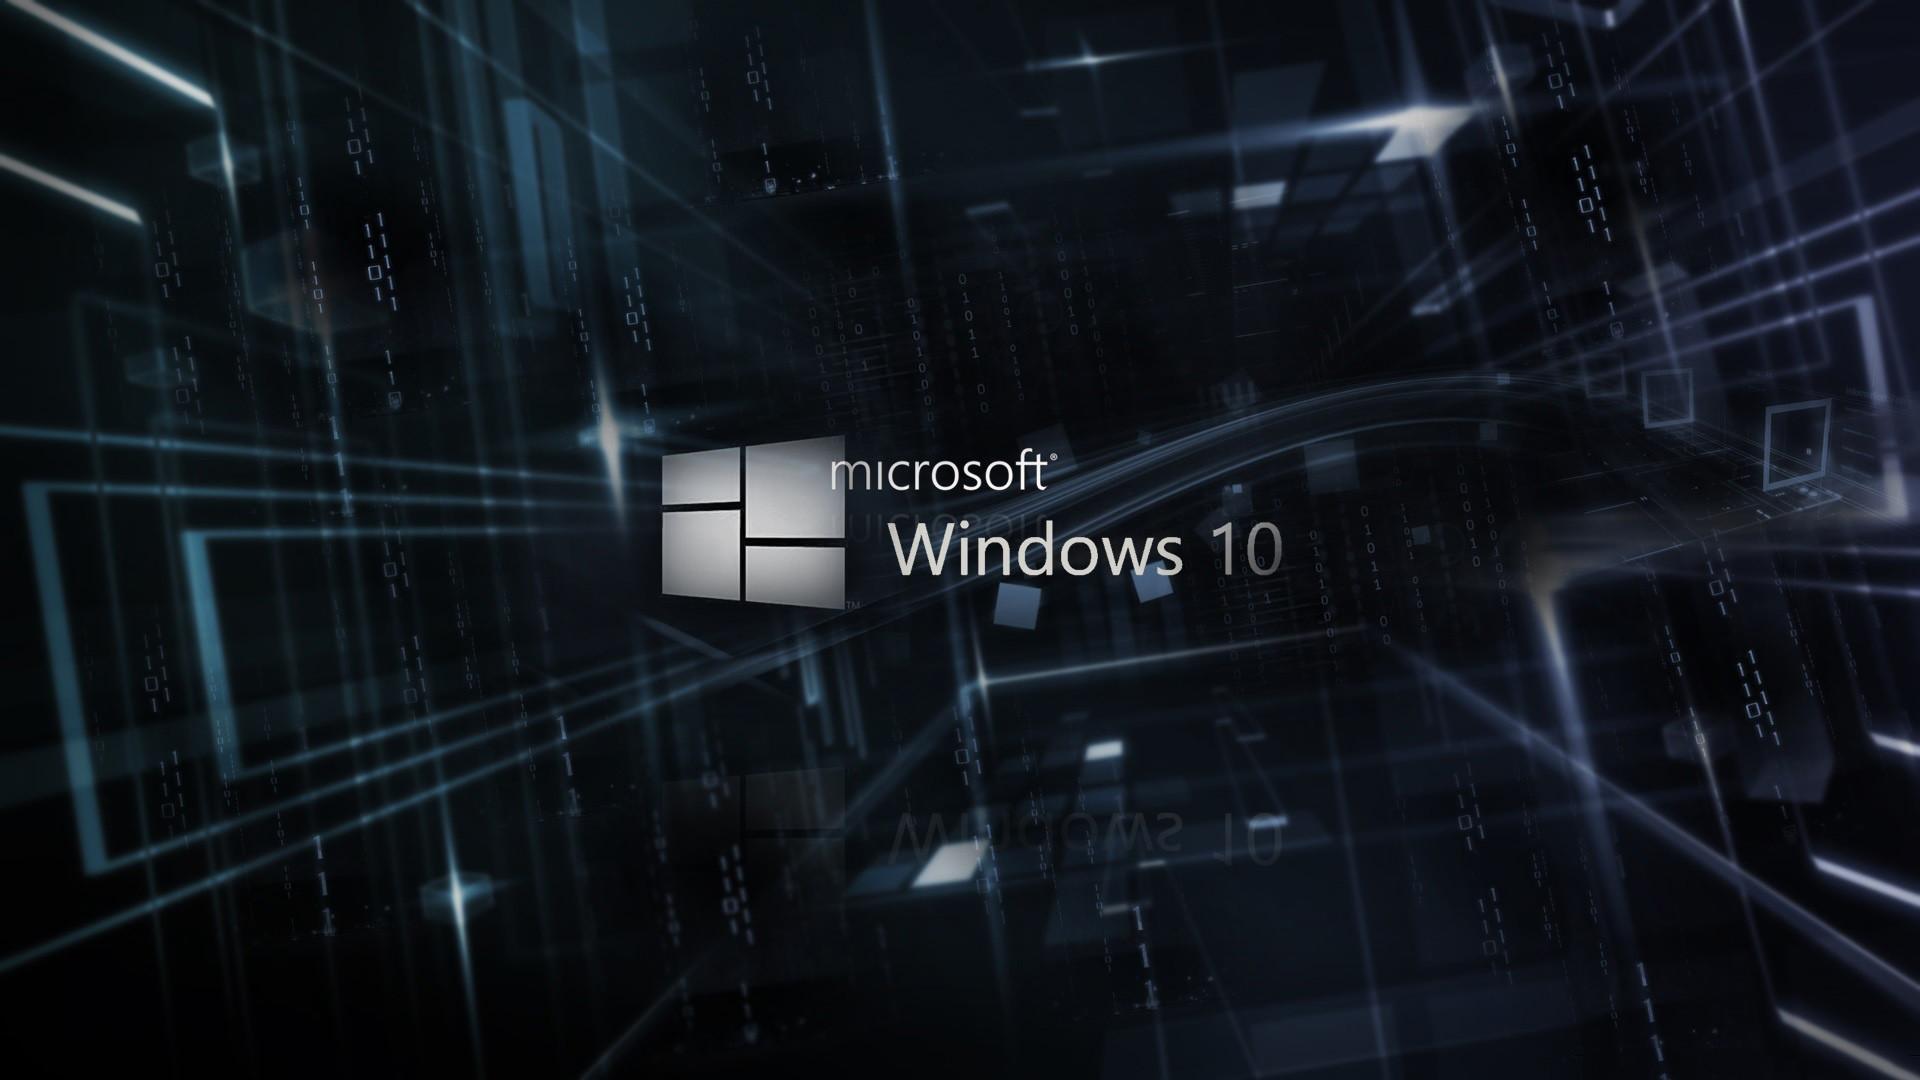 Wallpaper For Windows 10 Desktop 80 Images